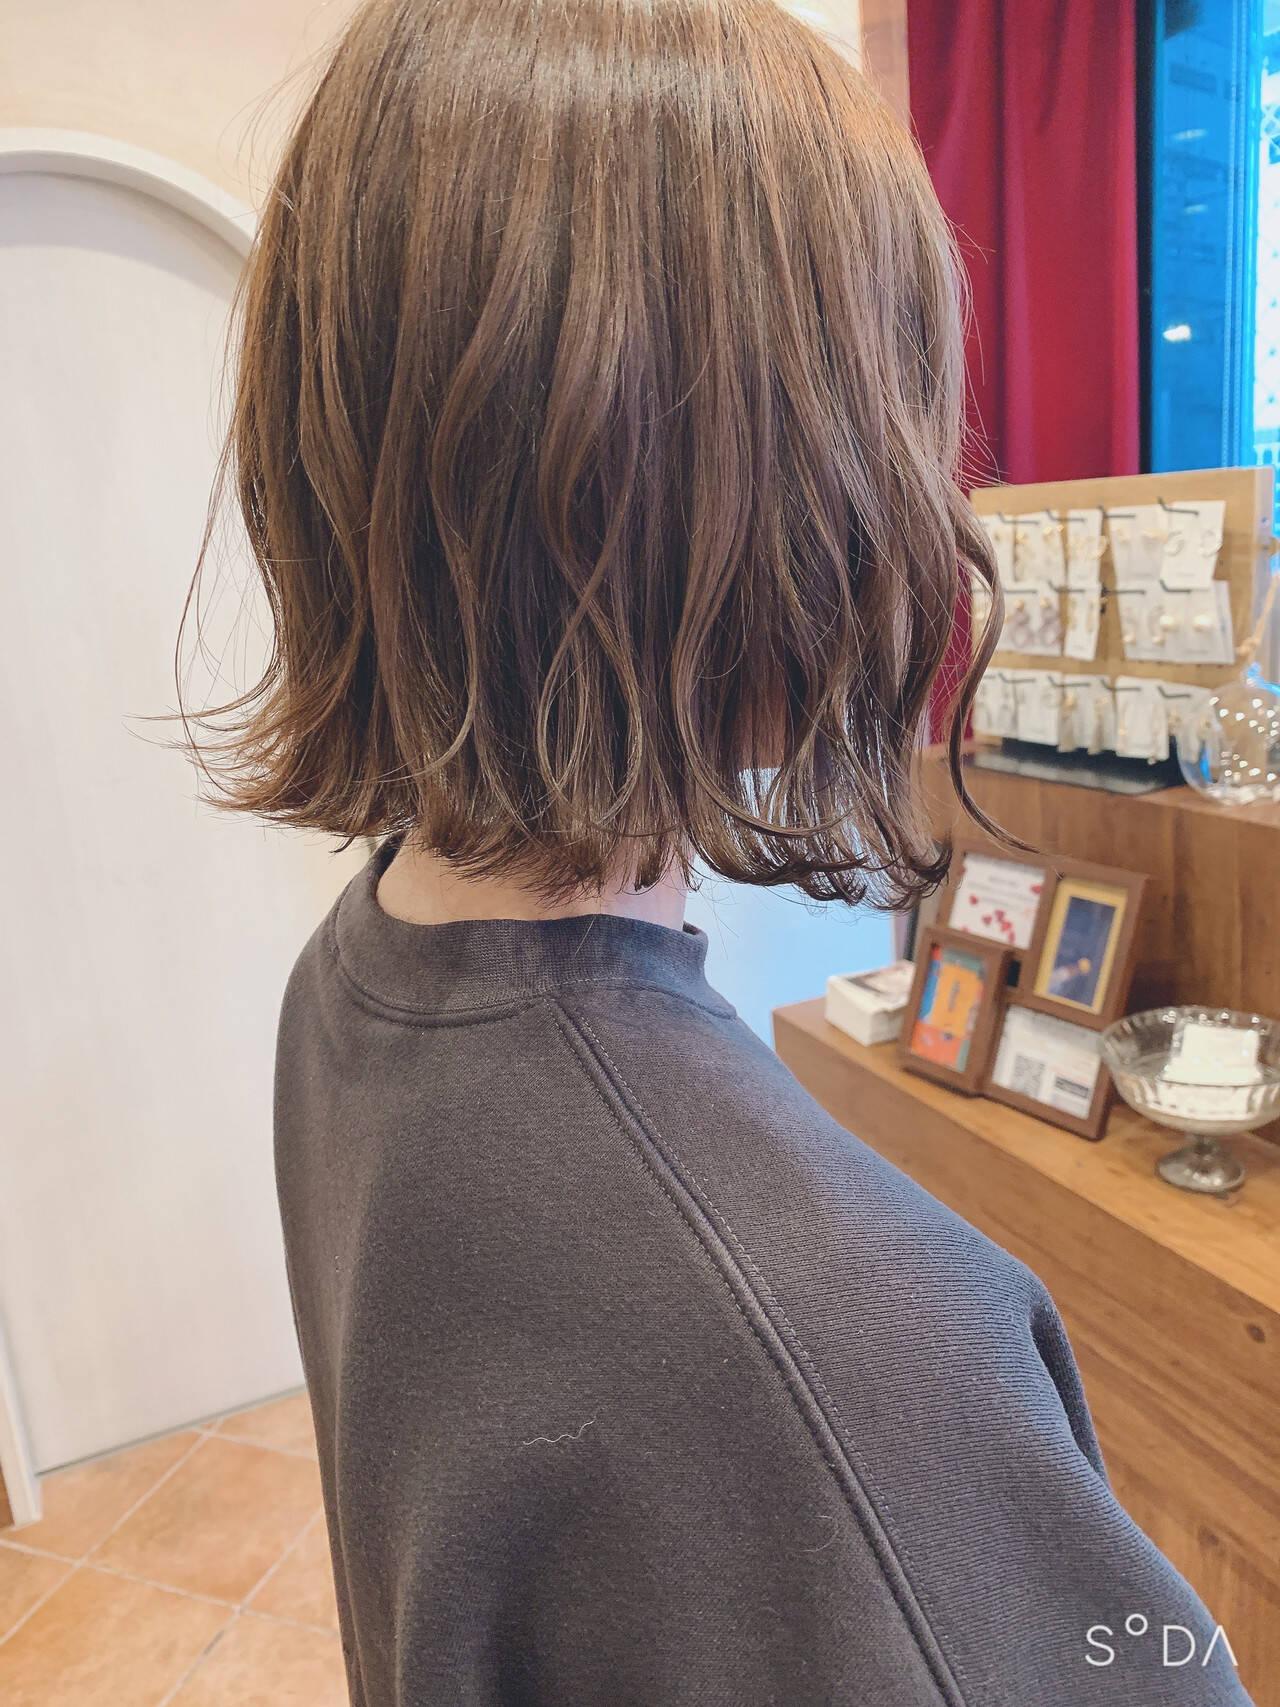 ショートヘア ボブ ナチュラル インナーカラーヘアスタイルや髪型の写真・画像